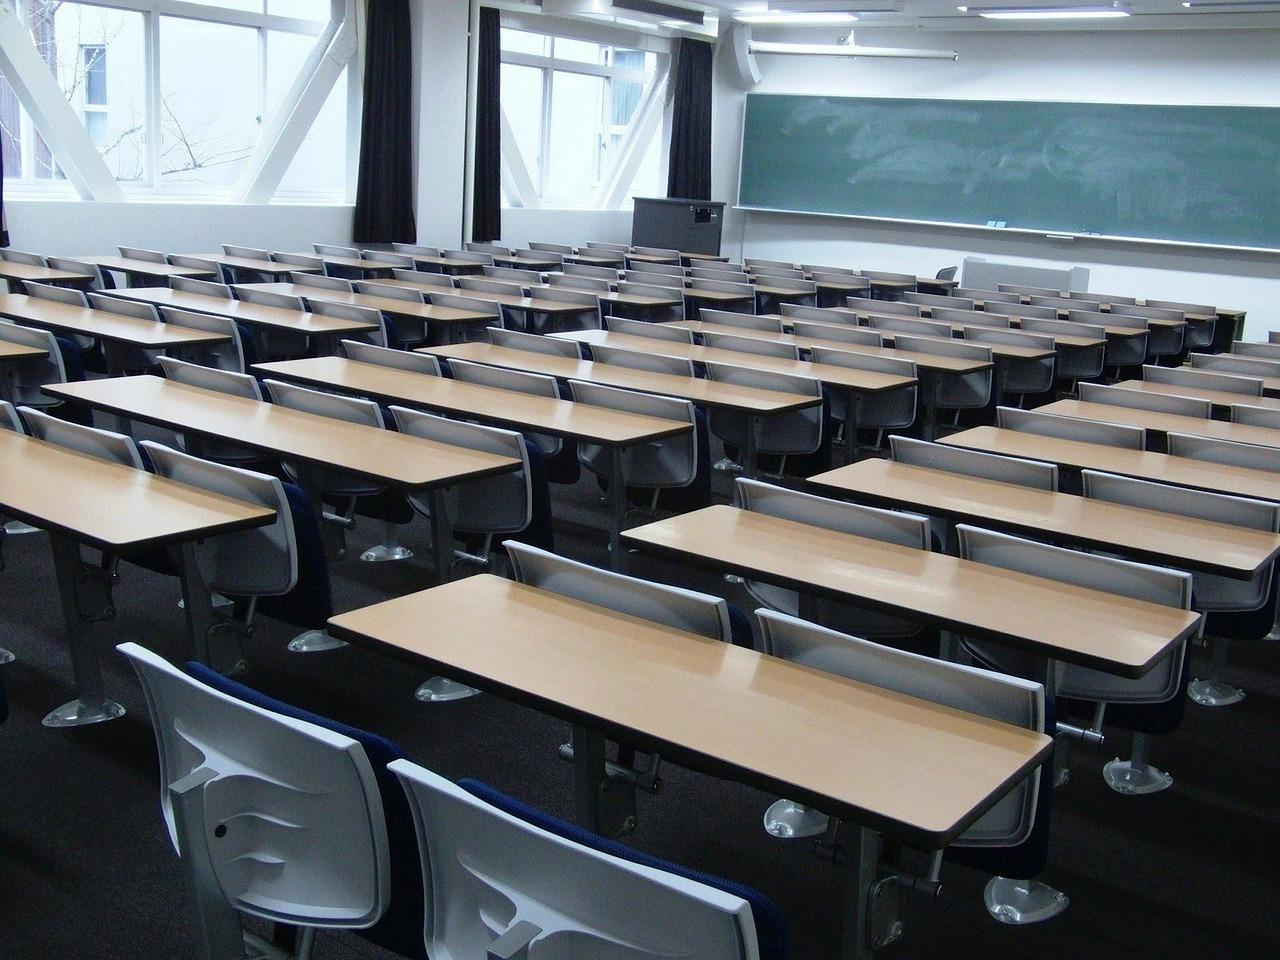 שיפוץ ושדרוג מוסדות החינוך ברעננה